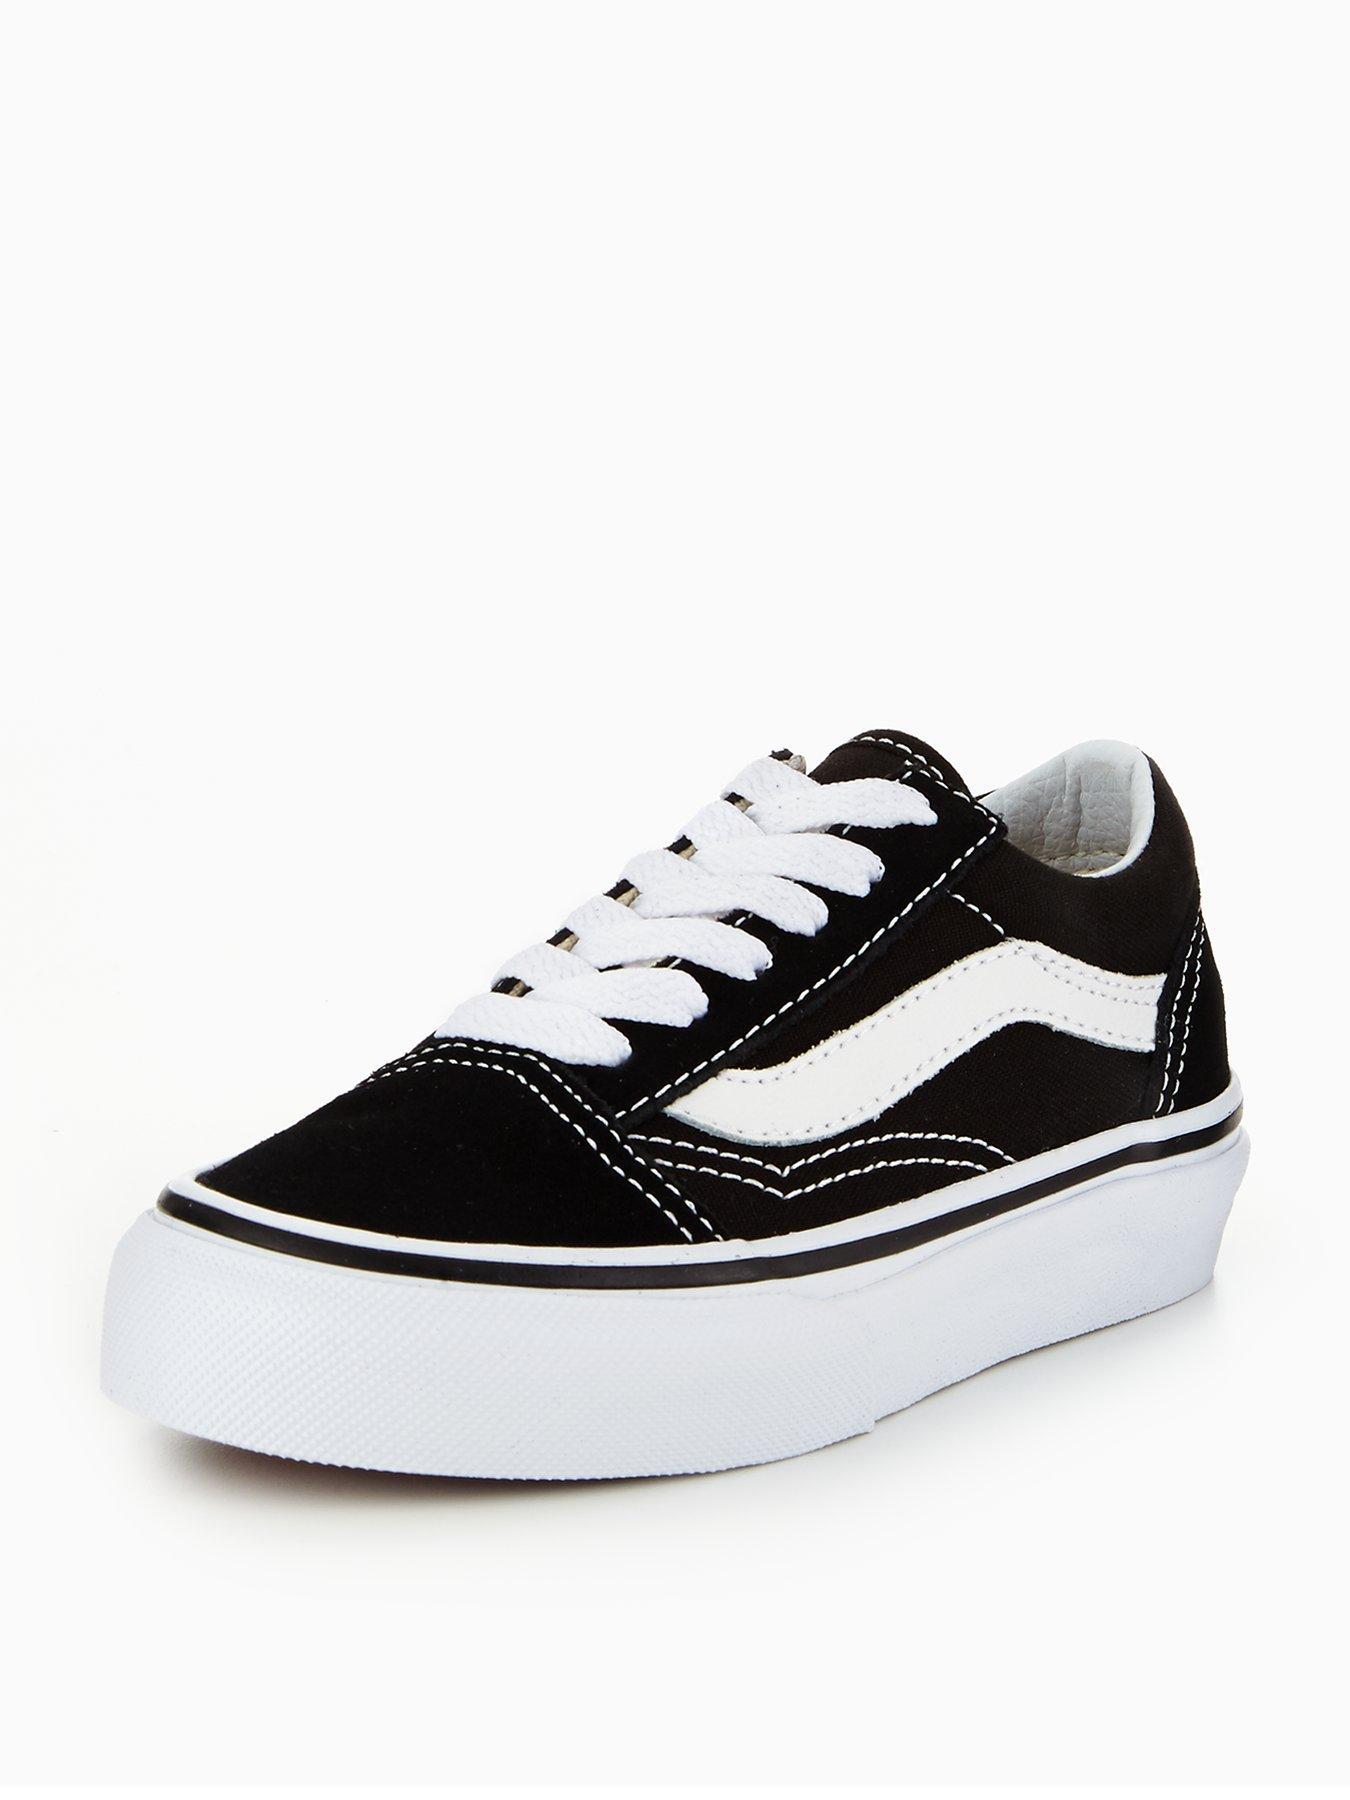 junior black and white old skool vans